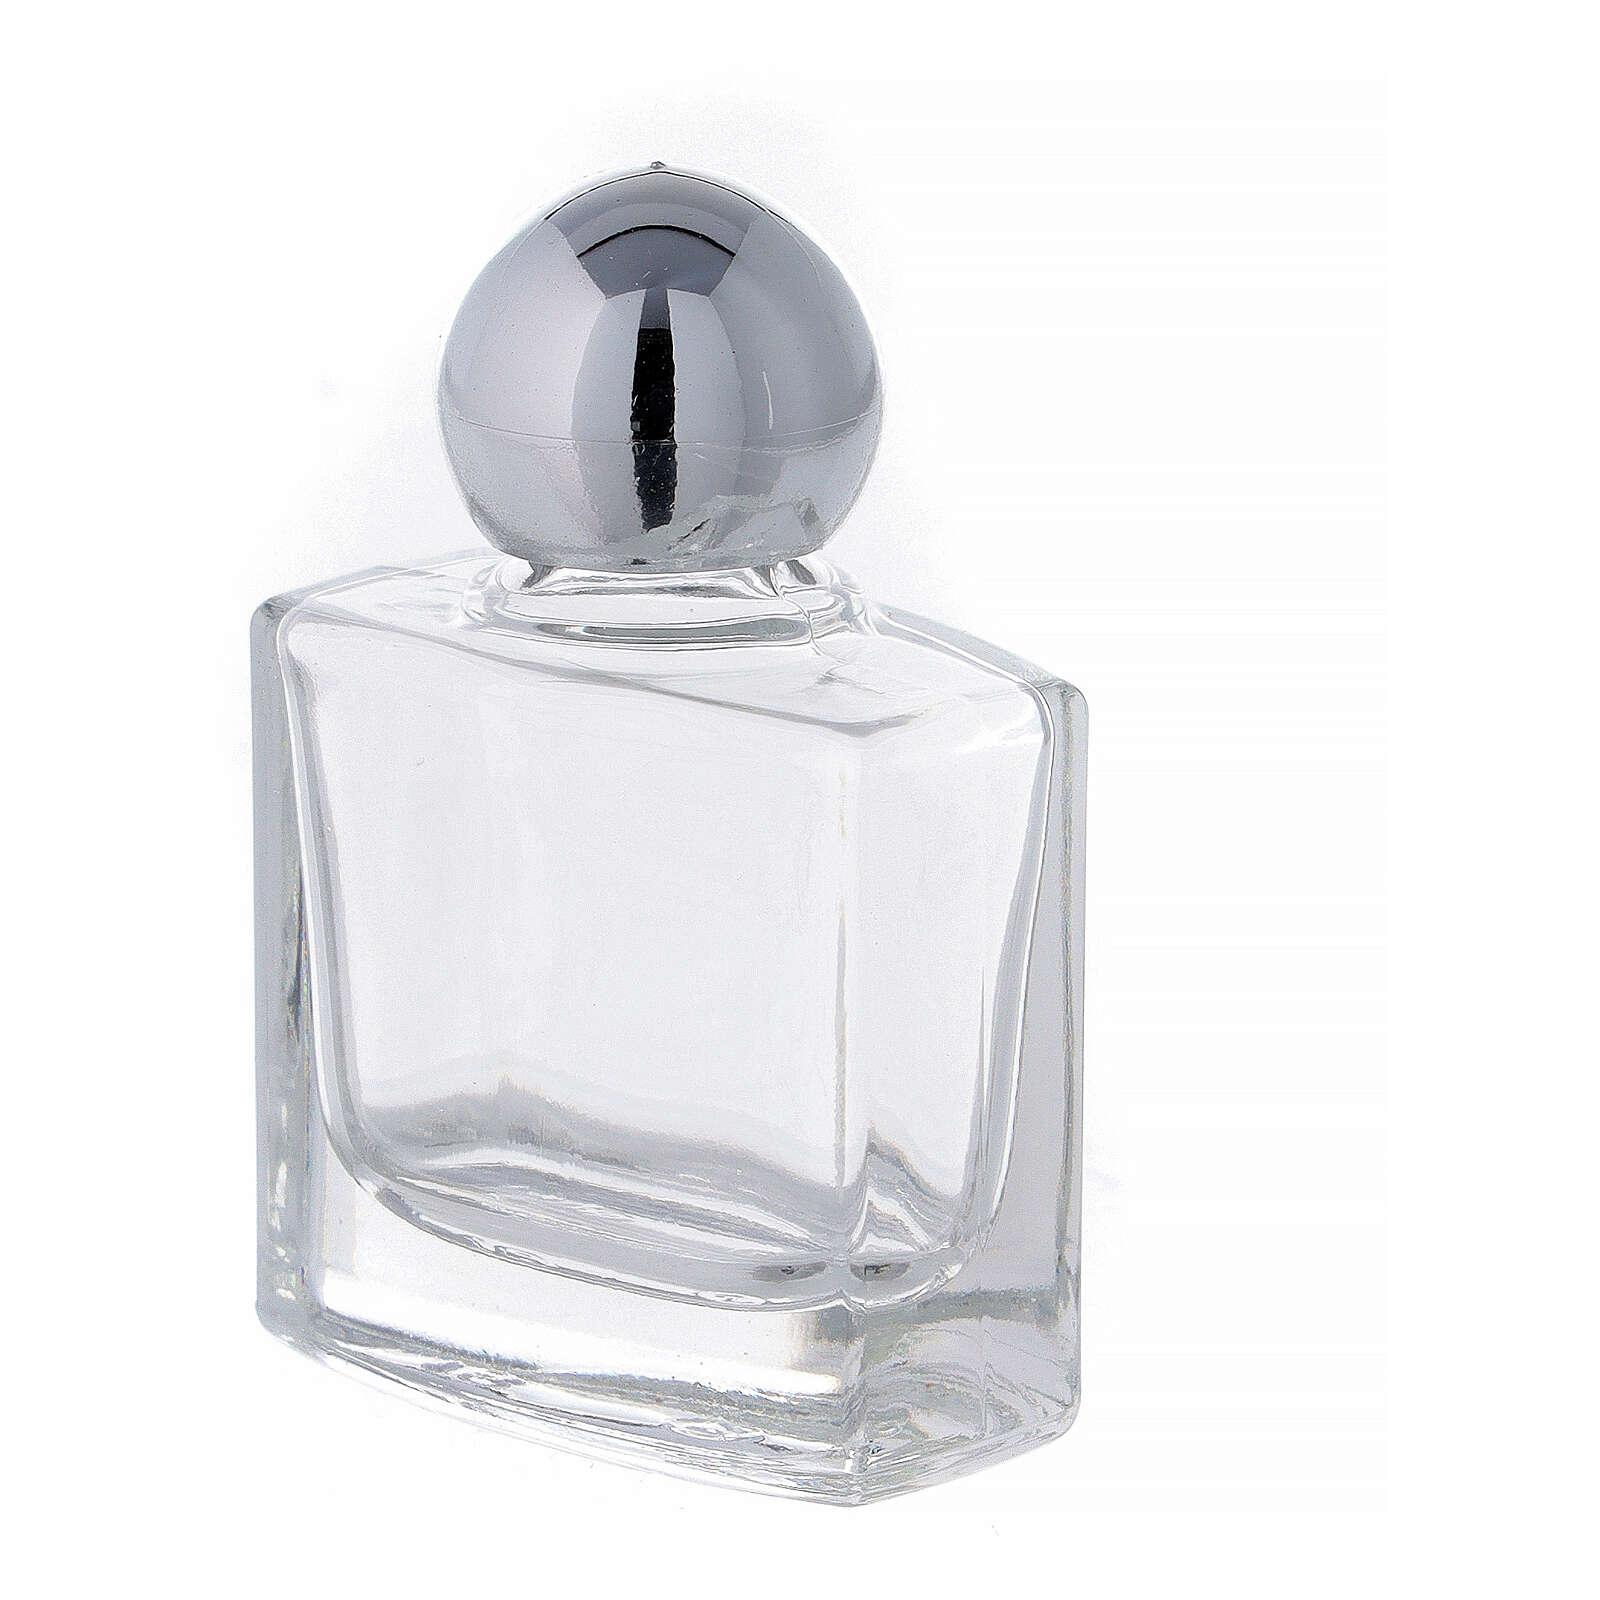 Bottiglietta acquasanta vetro 10 ml (CONF. 50 PZ.) 3